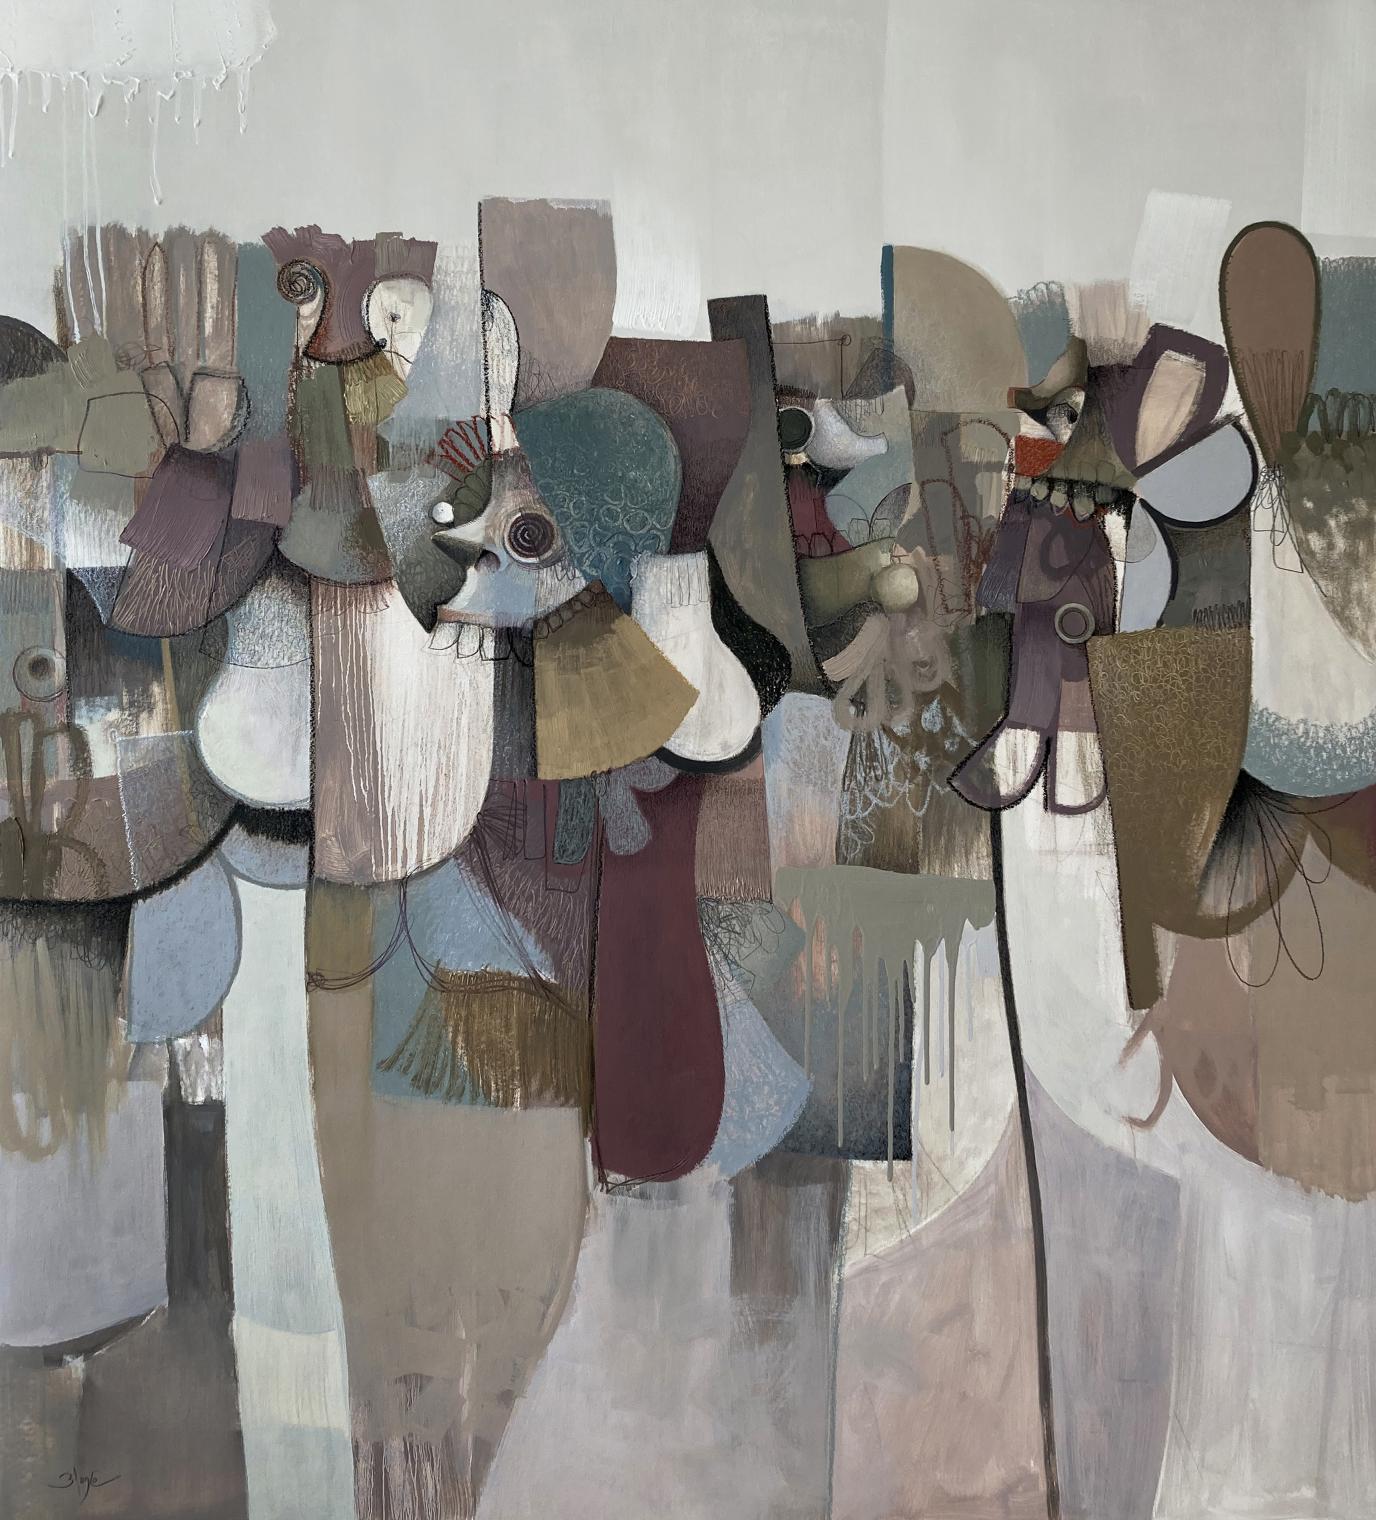 Rave (2020) - Carlos Blanco Artero